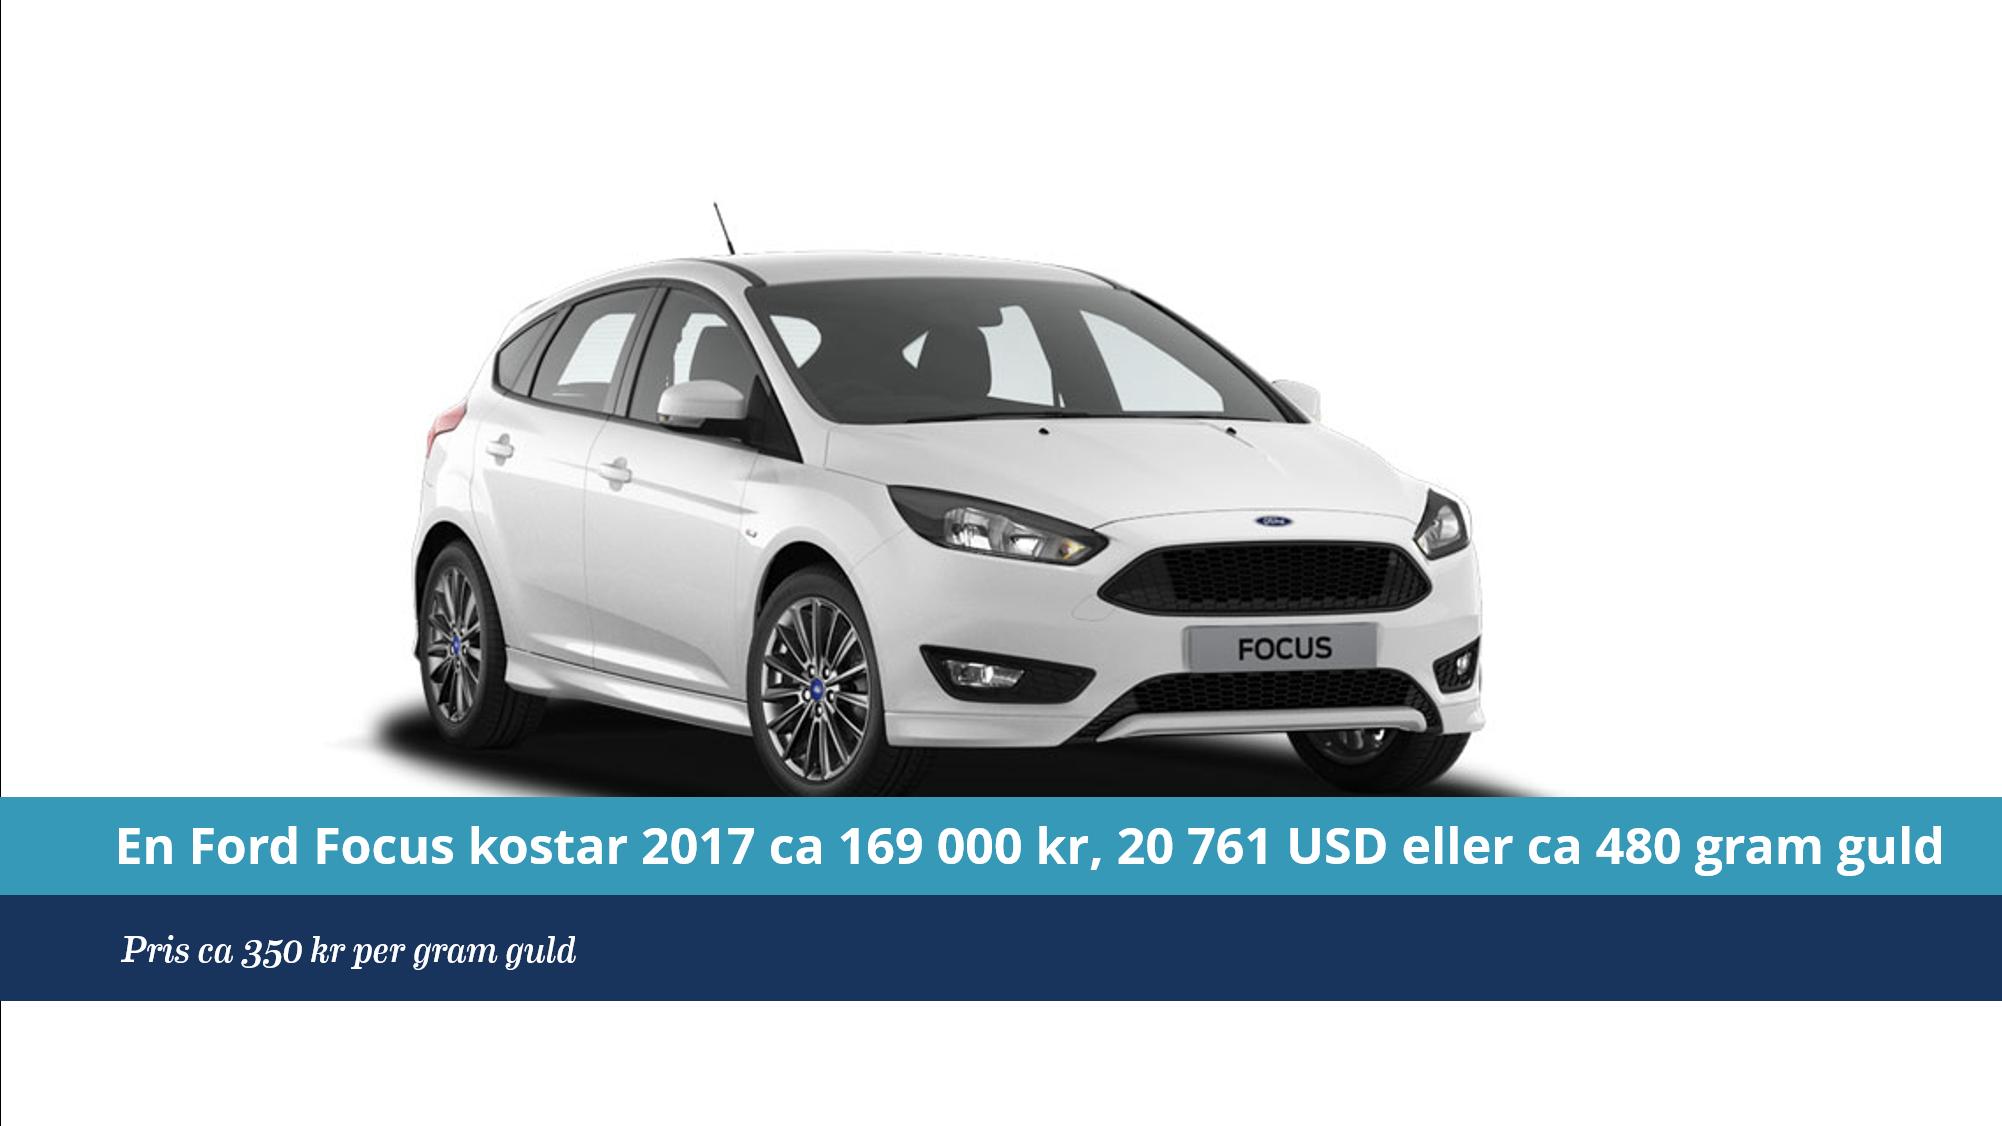 En Ford Focus 2017 kostade ca 21 000 dollar eller ca 480 gram guld.